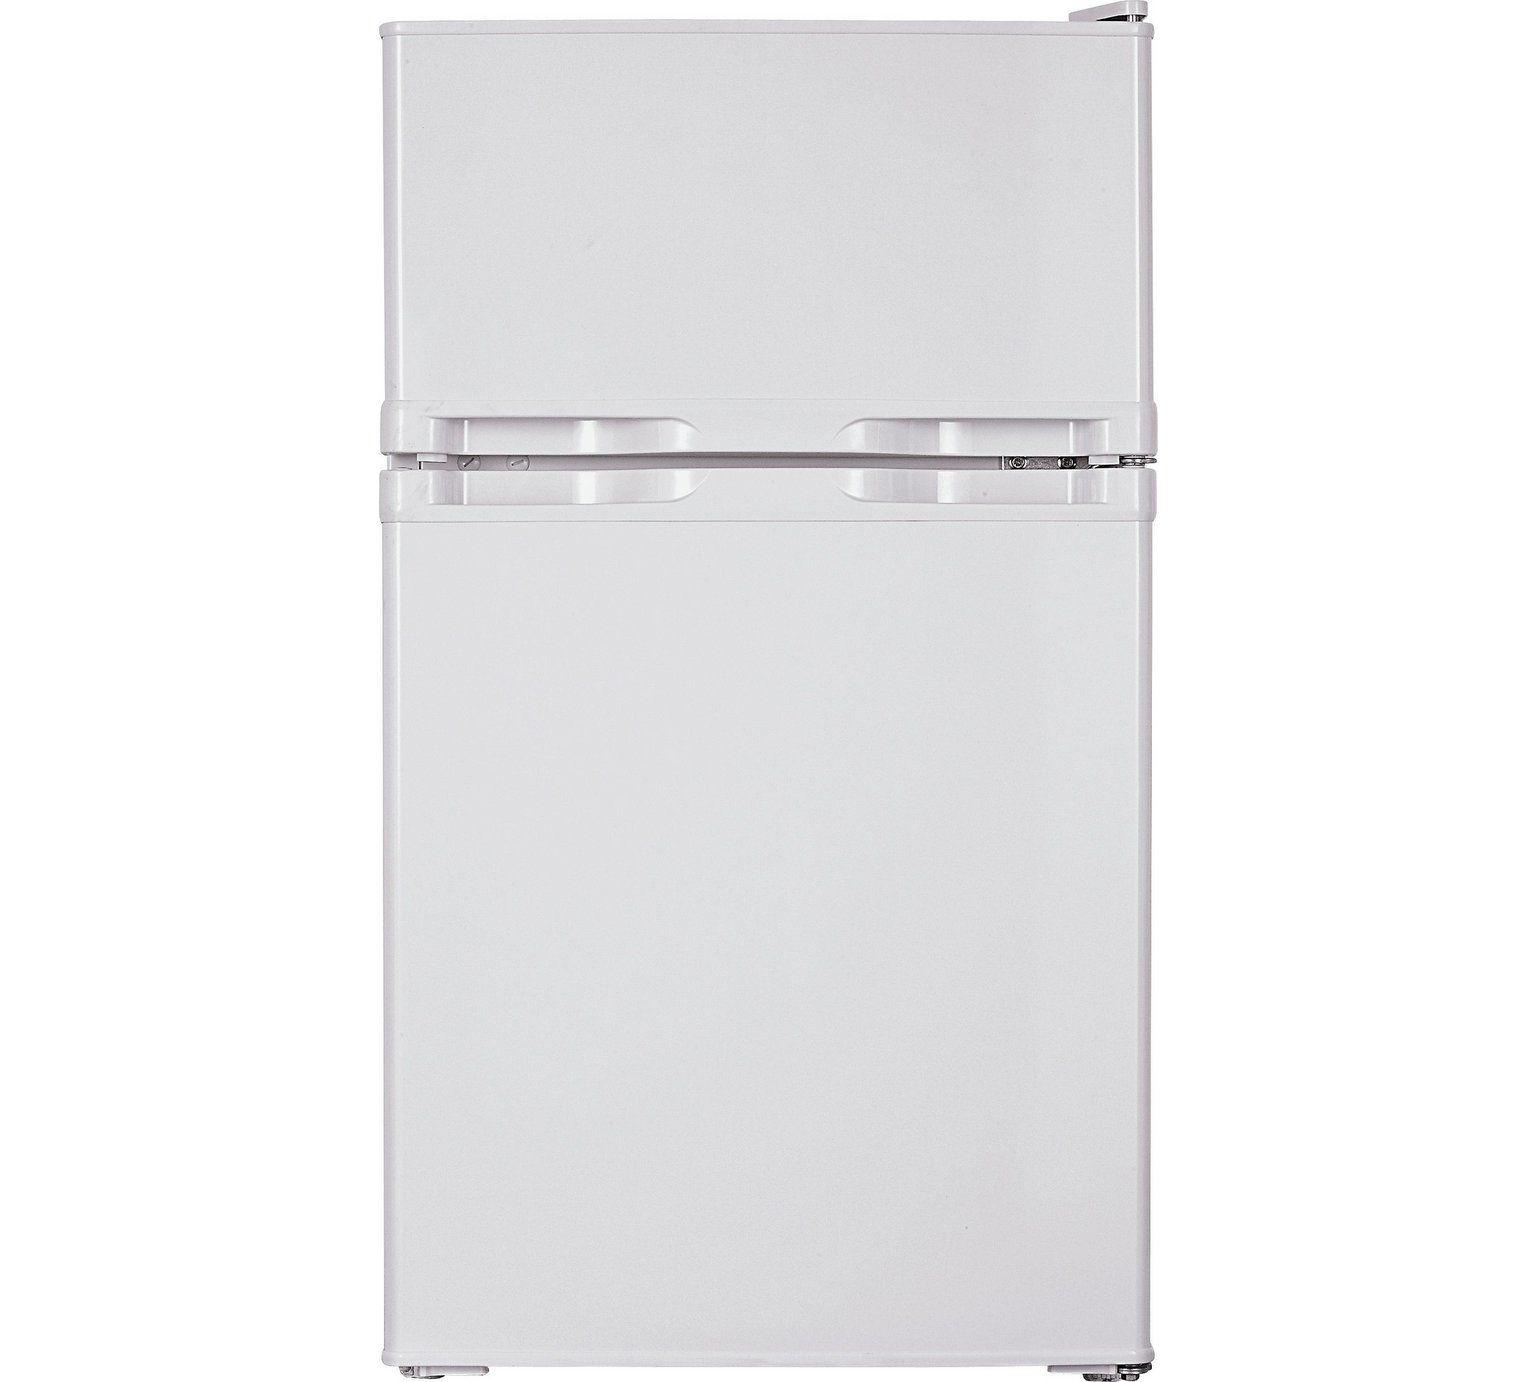 Buy Simple Value Under Counter Fridge Freezer - White at Argos.co.uk ...